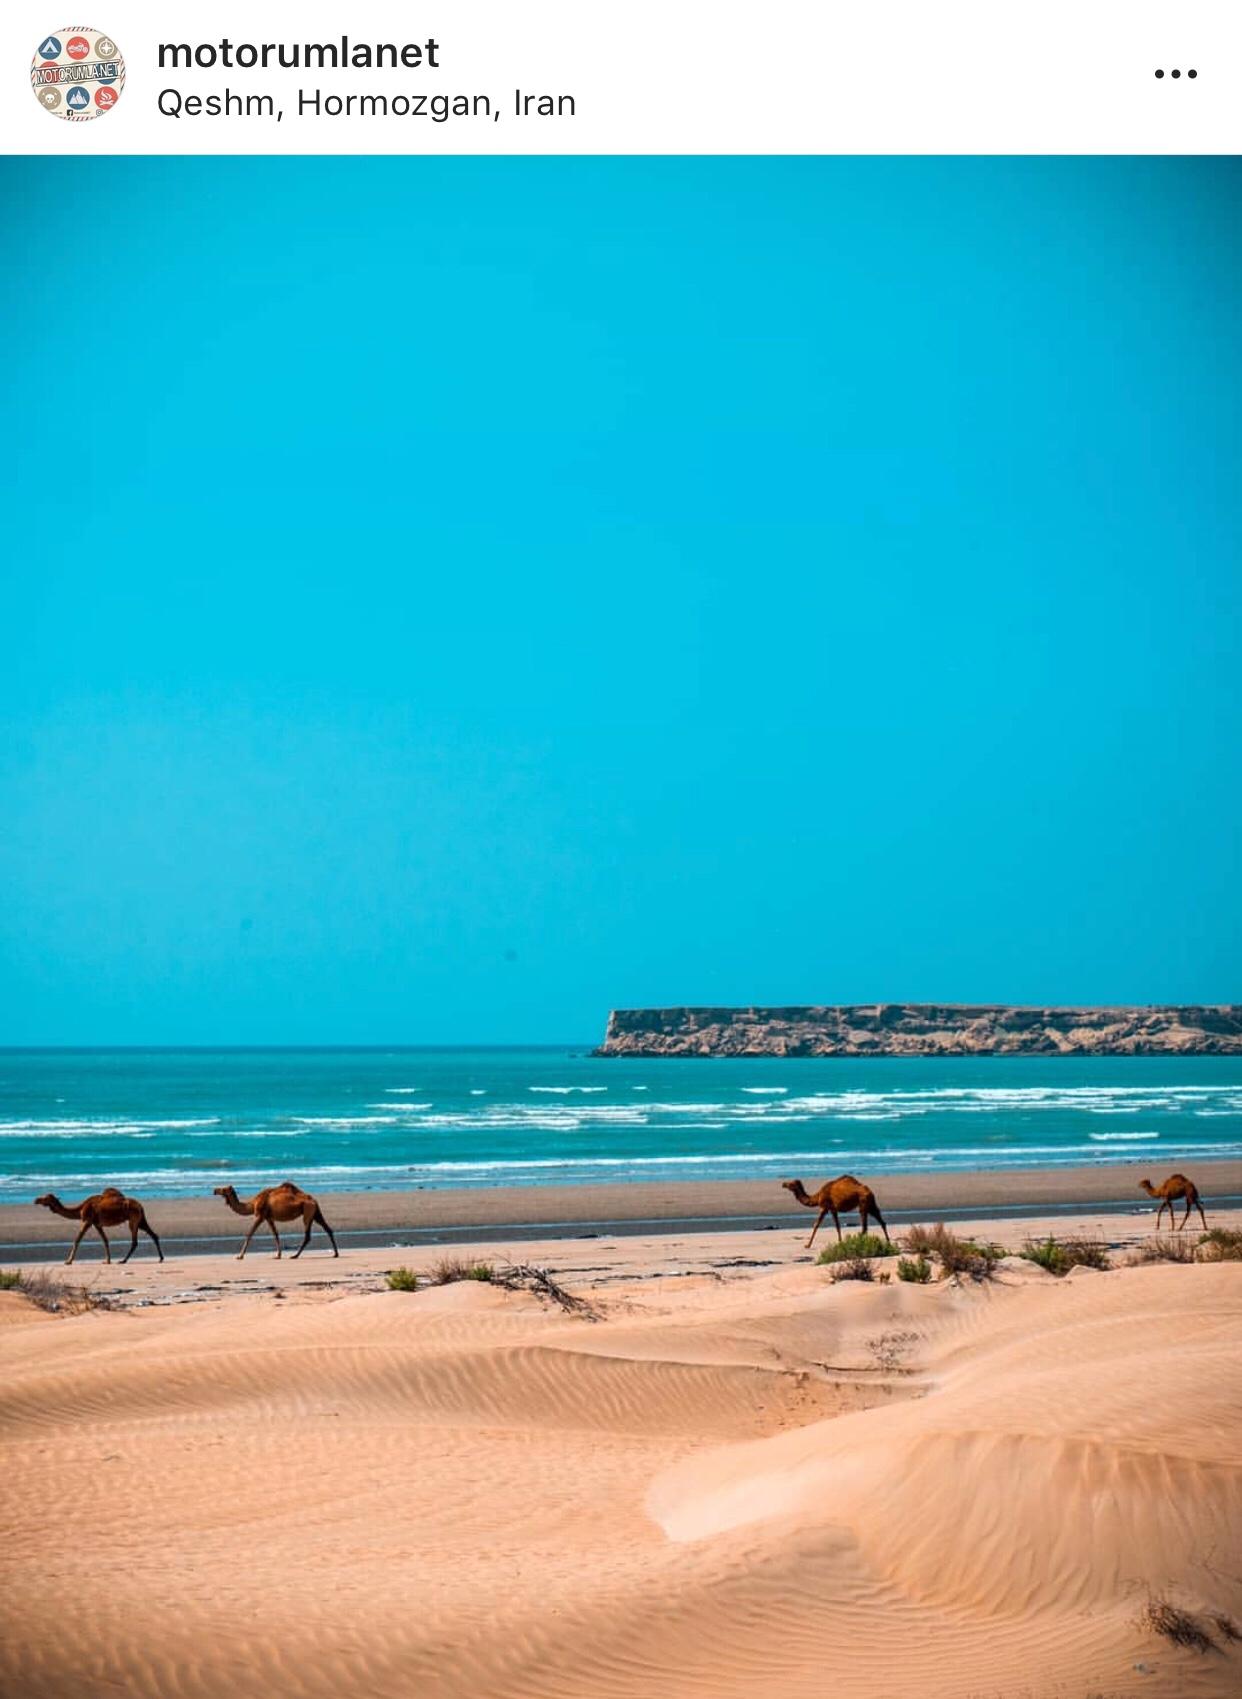 عدسة إيرانية: شاطئ جزر ناز فی قشم 1